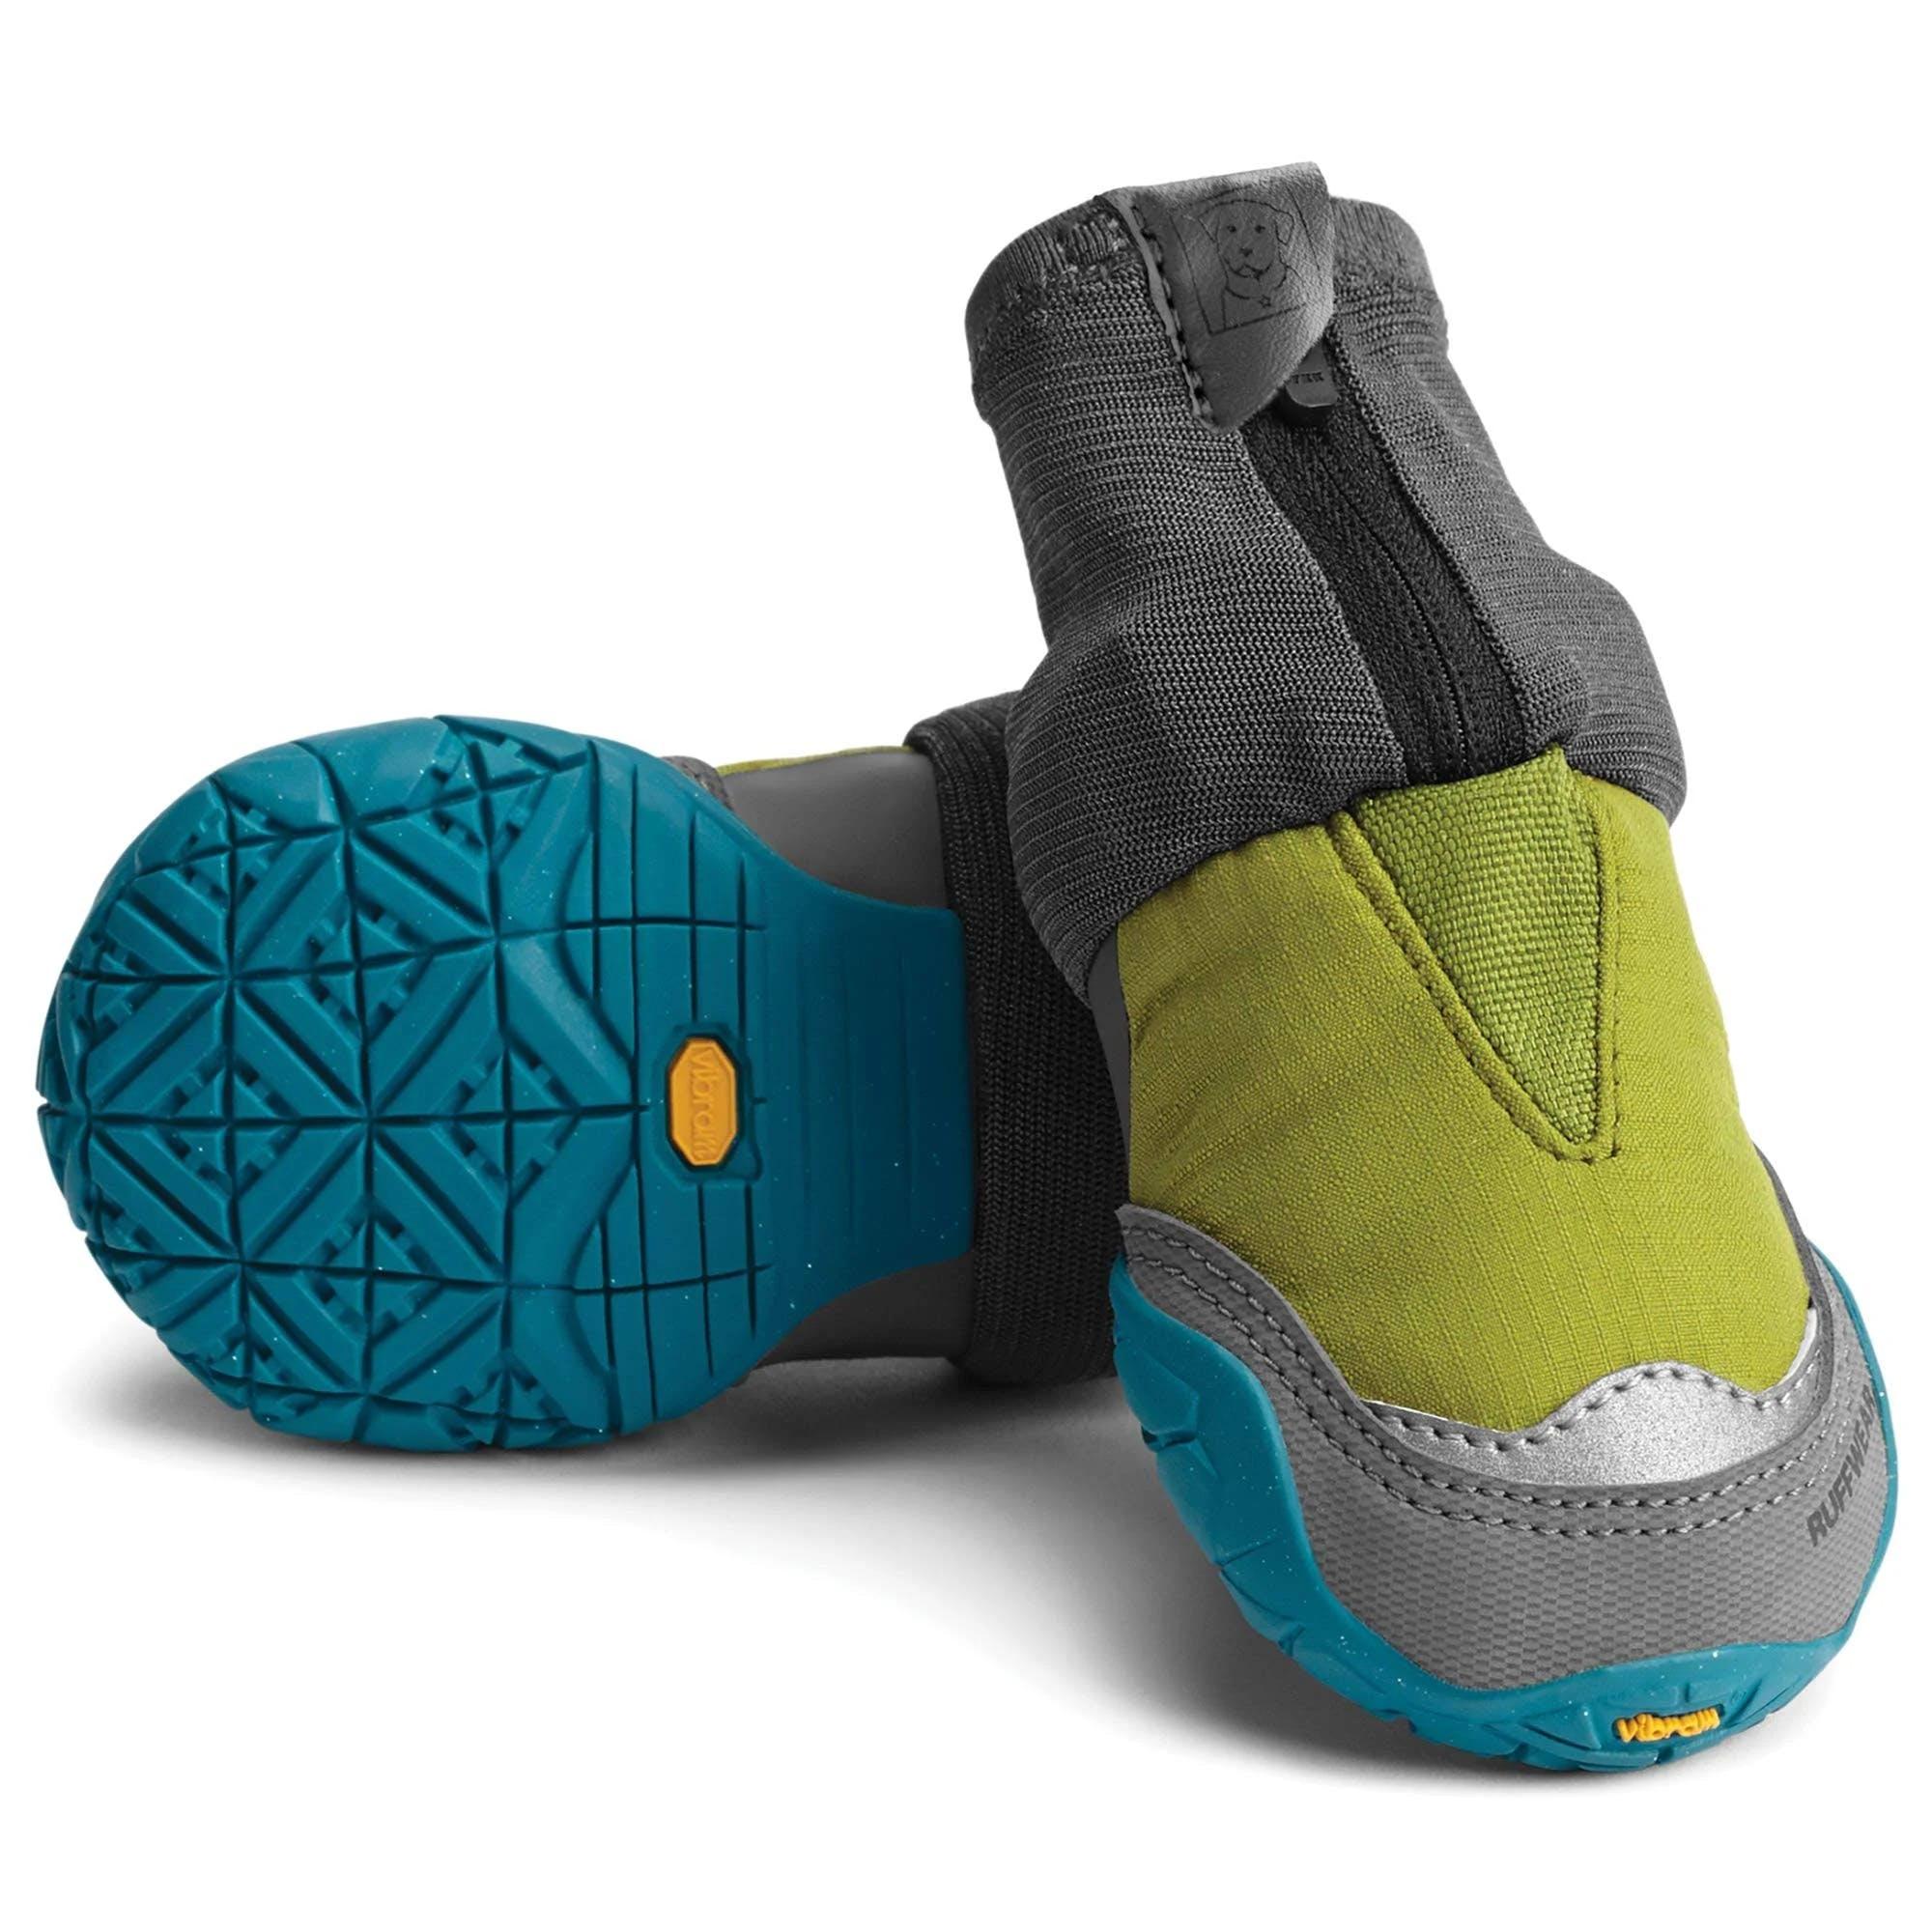 Ruffwear Polar Trex Boots - Forest Green